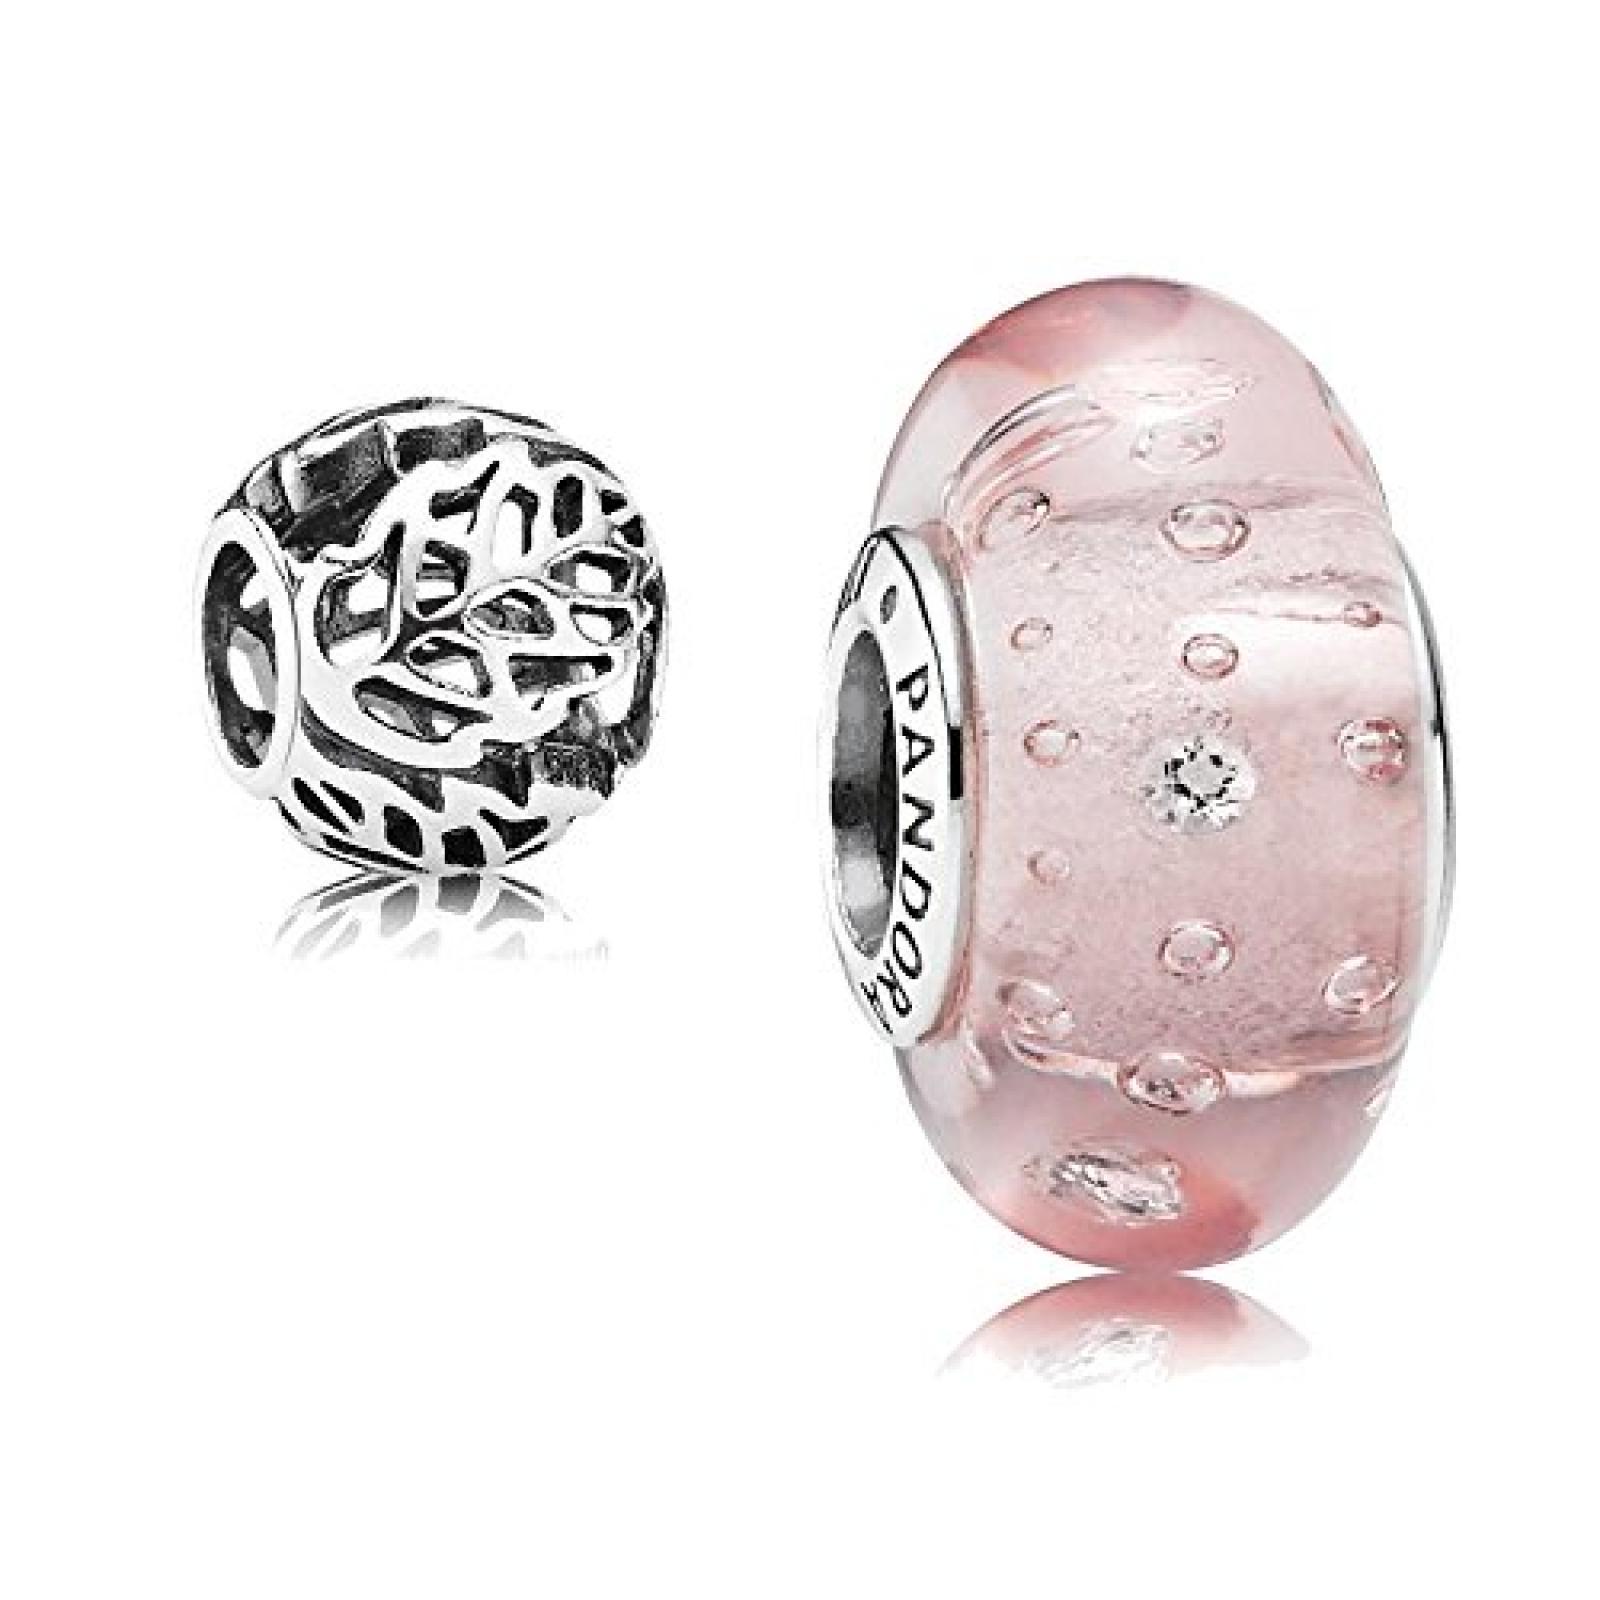 Original Pandora Geschenkset - 1 Silber Muranoglas Element Glitzer-Glas Rosa mit klarem Zirkonia 791615CZ und 1 Filigranes Silber Element Durchbrochene Blätter 791190